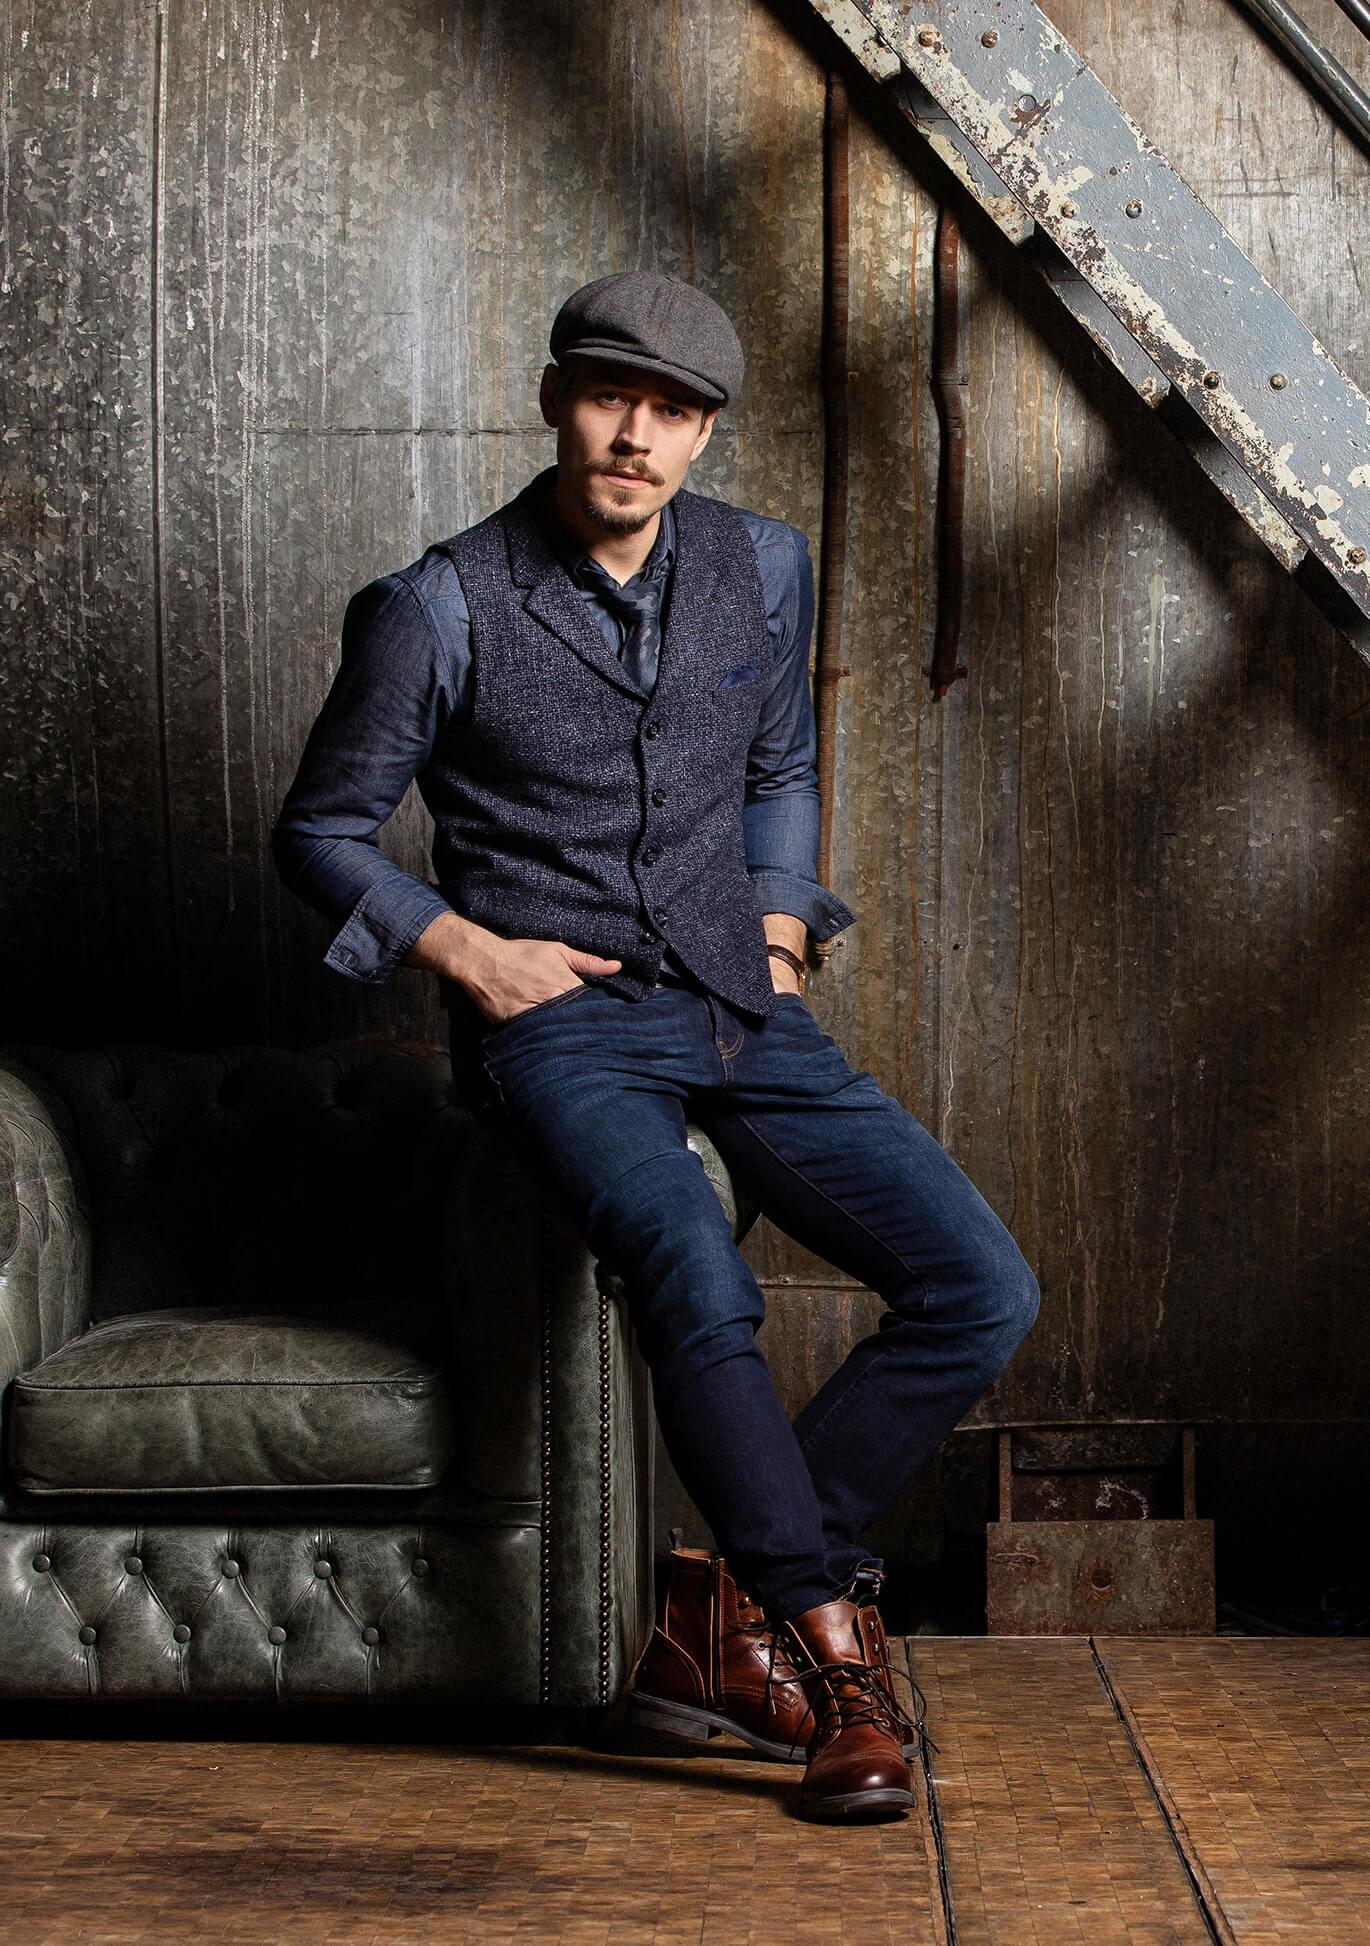 Dunkelblaue Premium Herrenweste Gilet von DORNSCHILD mit dezentem Blau Grauen Muster und Kragen für einen edlen und smarten Style.